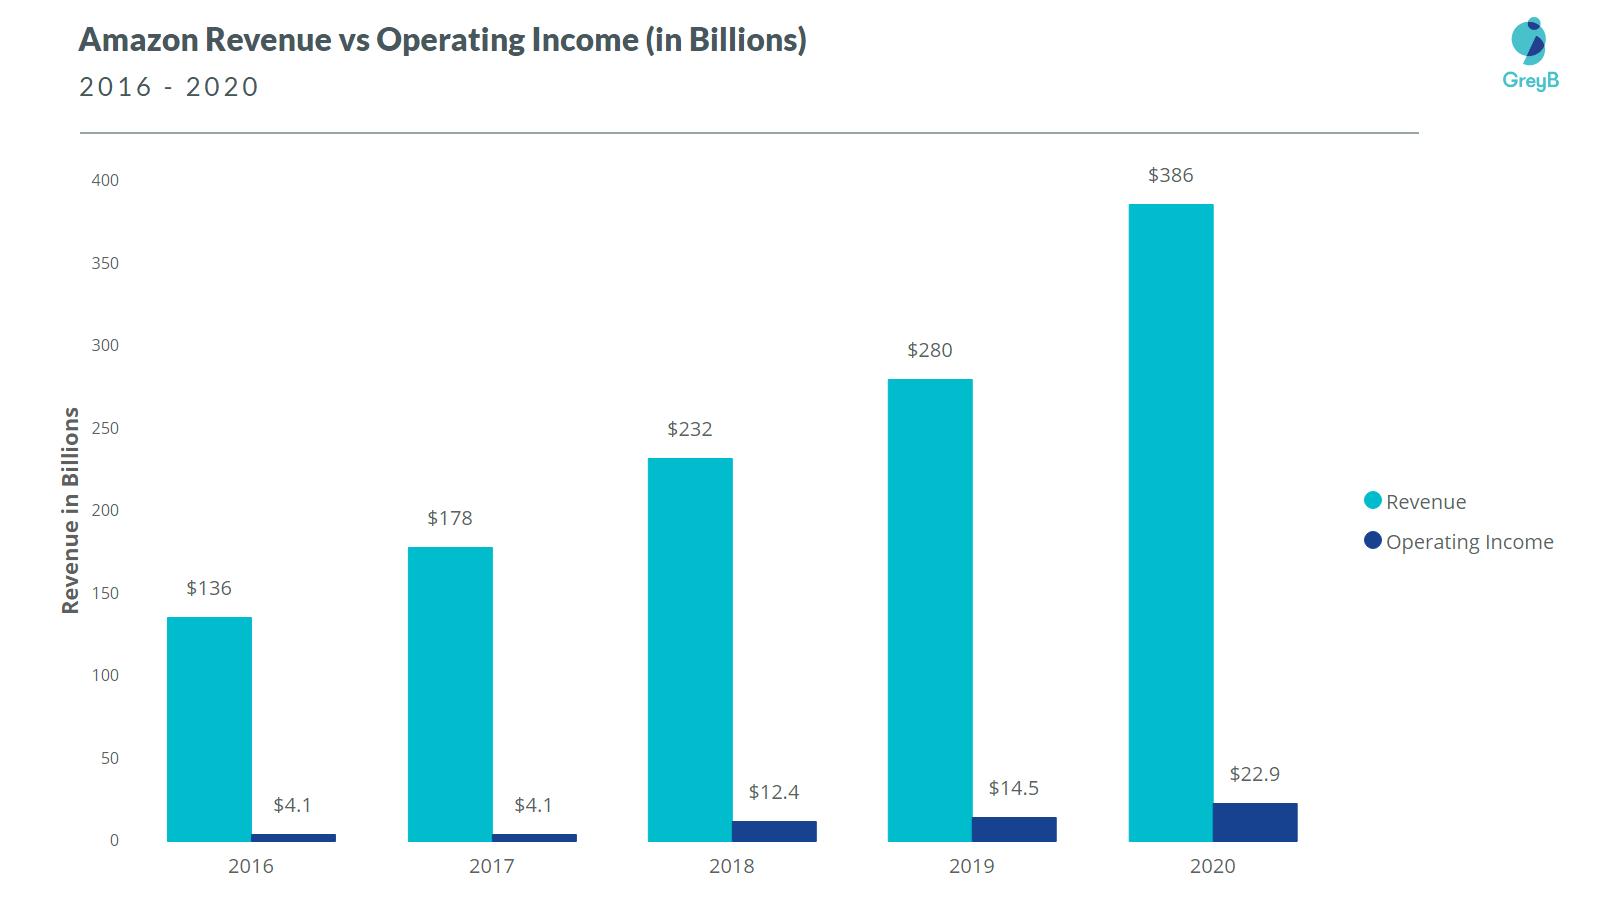 Amazon Revenue and Operating Income 2020